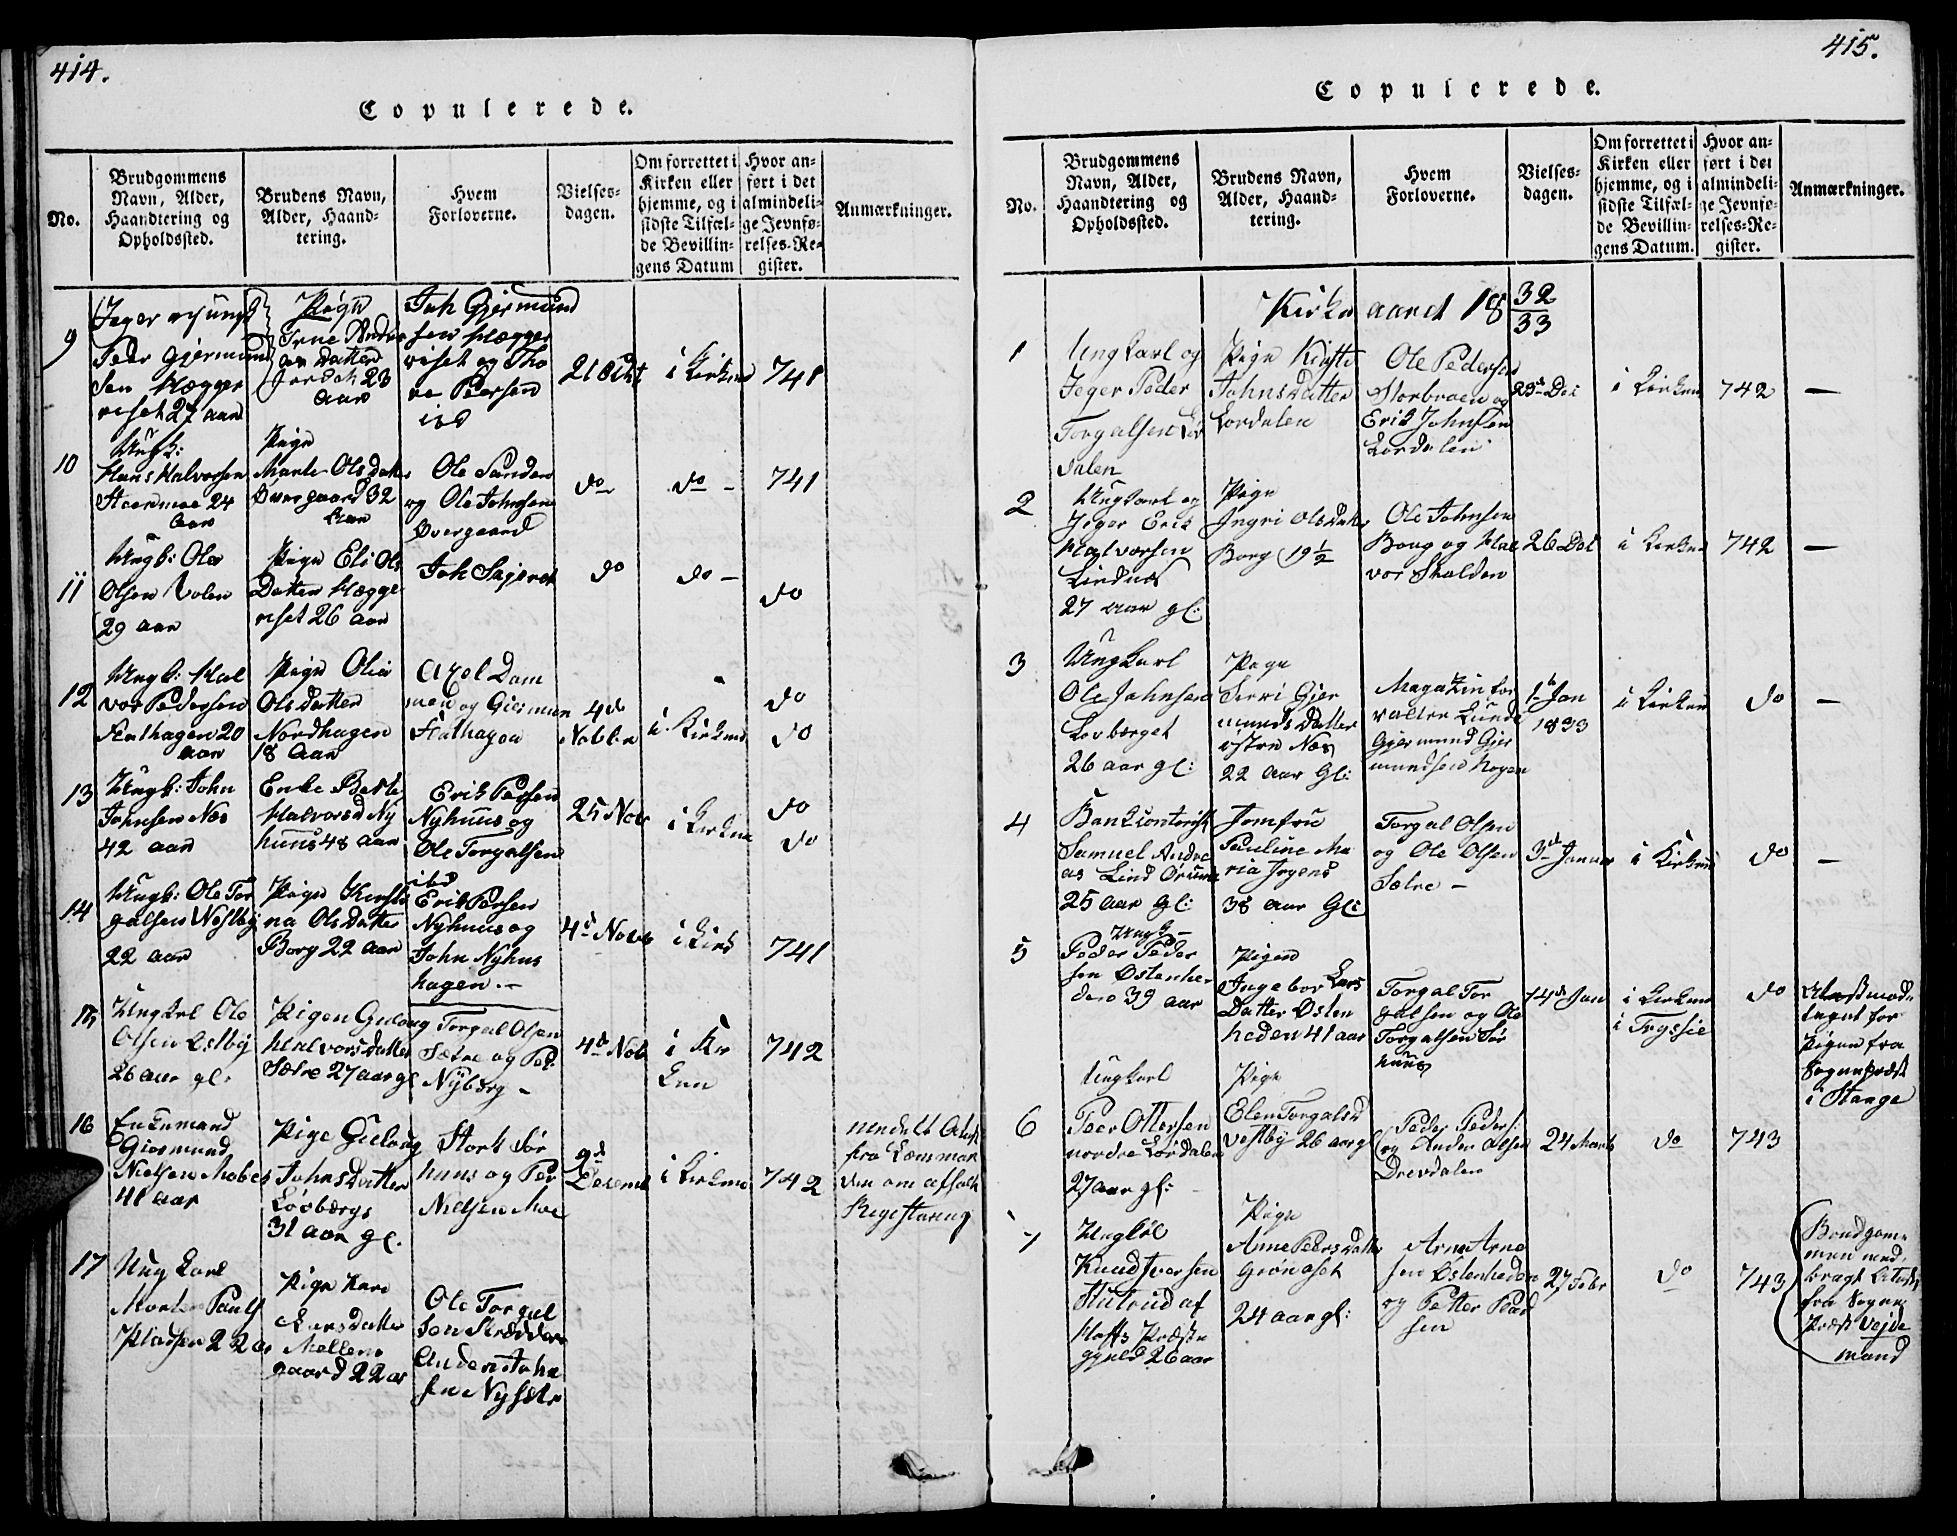 SAH, Trysil prestekontor, Klokkerbok nr. 4, 1814-1841, s. 414-415